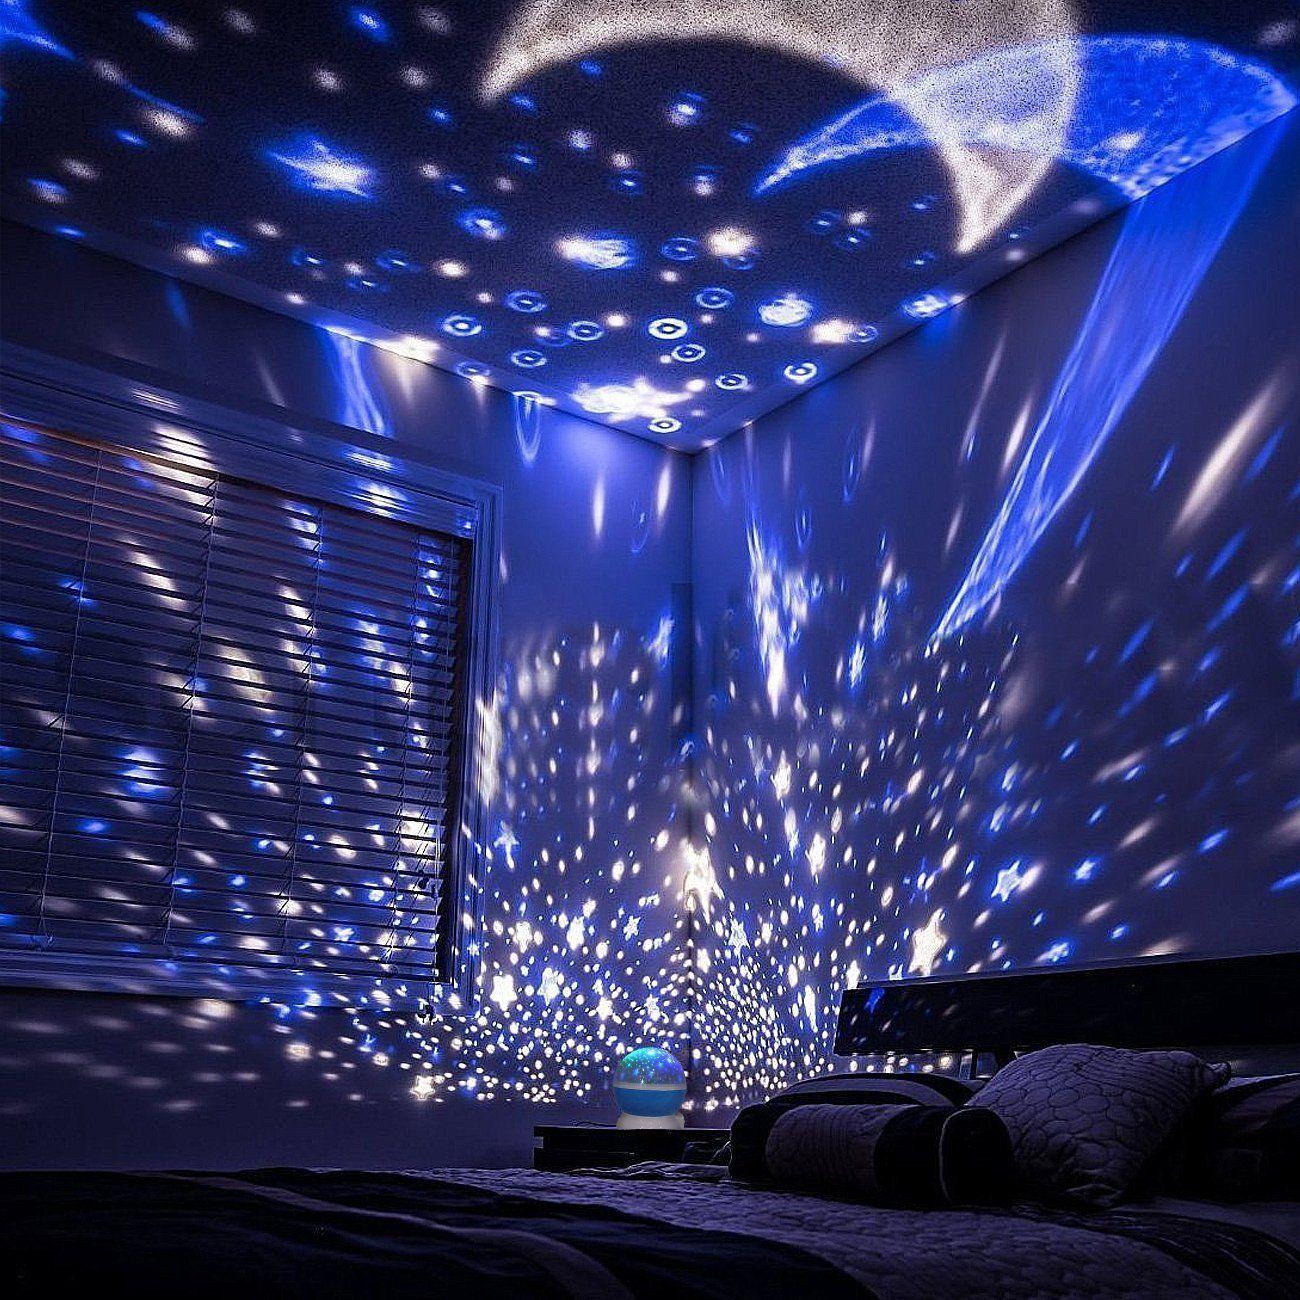 Star Night Light Projector Star Light Rotating Projector Constellation Rotating Star Projector Lamp W Starry Night Light Star Night Light Night Light Projector